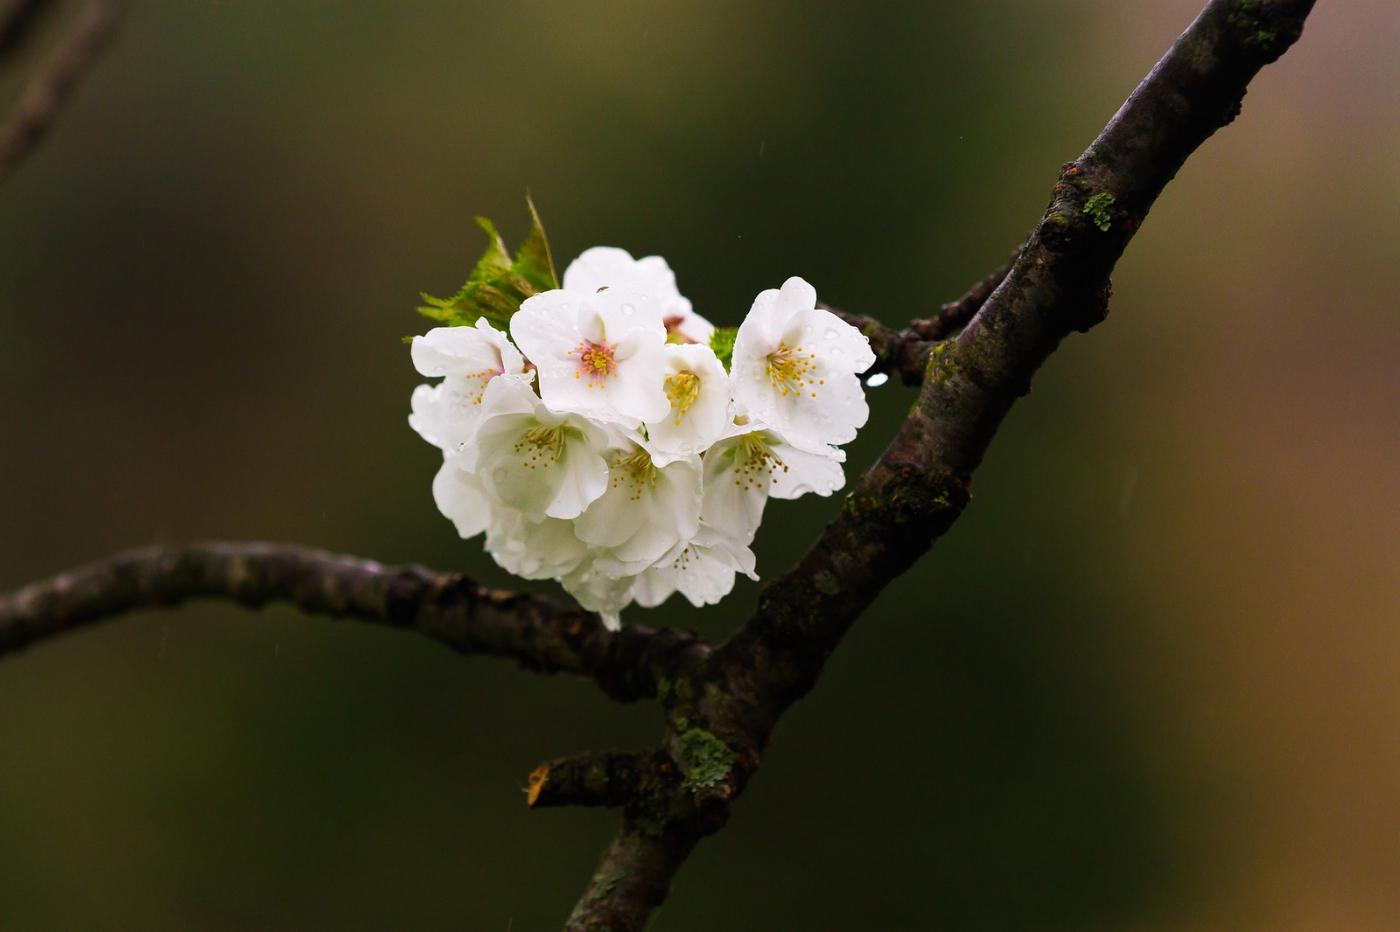 白色李花,粉色芯_圖1-1